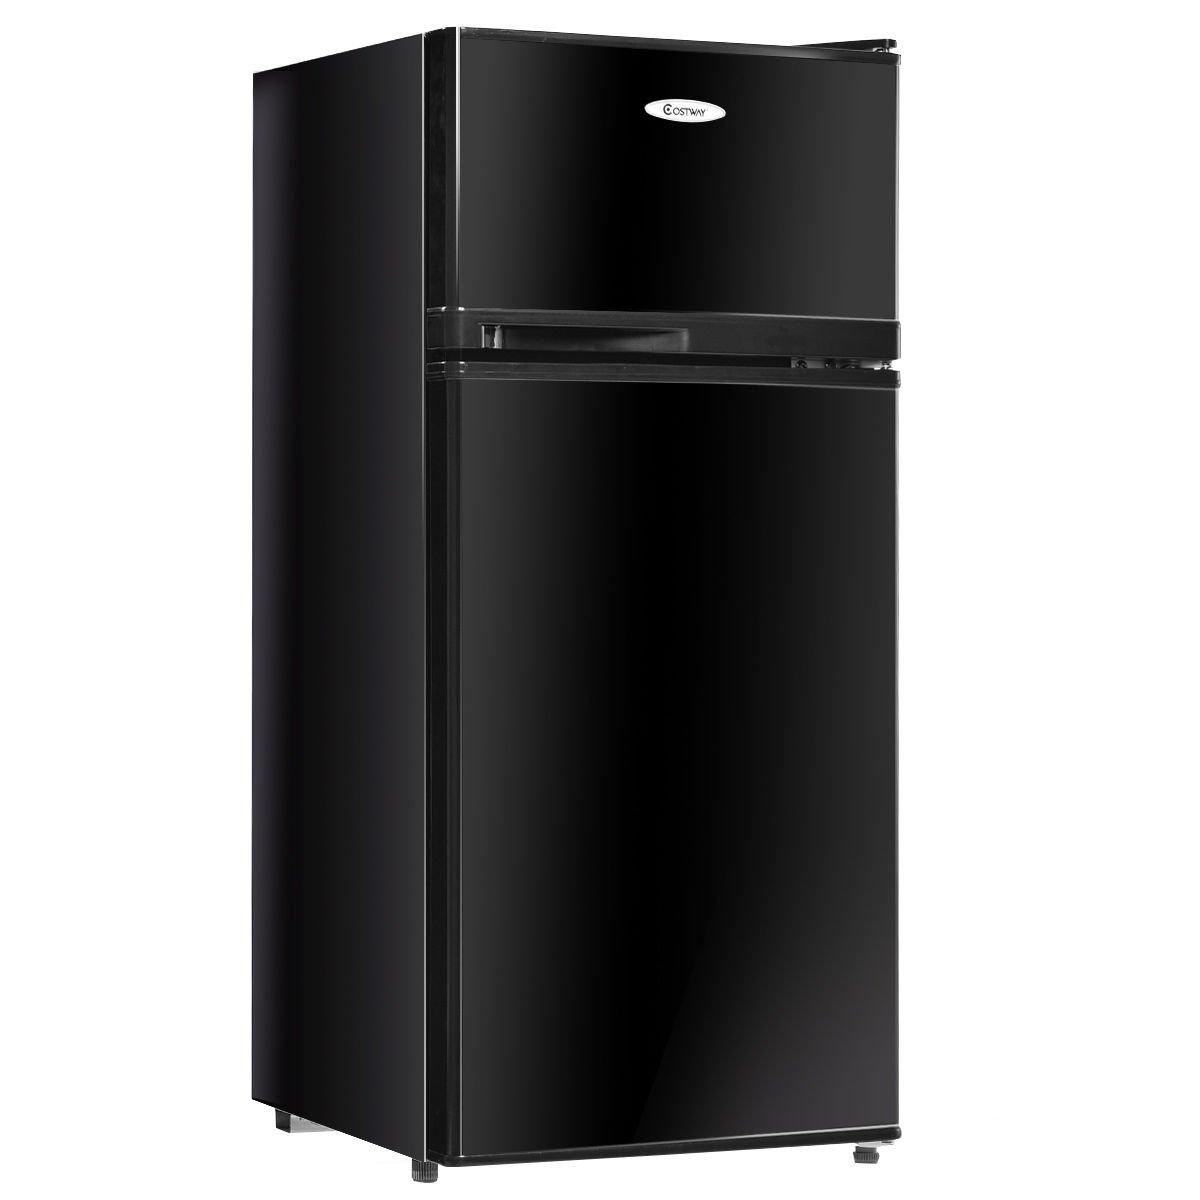 Costway 3.4 cu. ft. 2 Door Compact Mini Refrigerator Freezer Cooler, Black